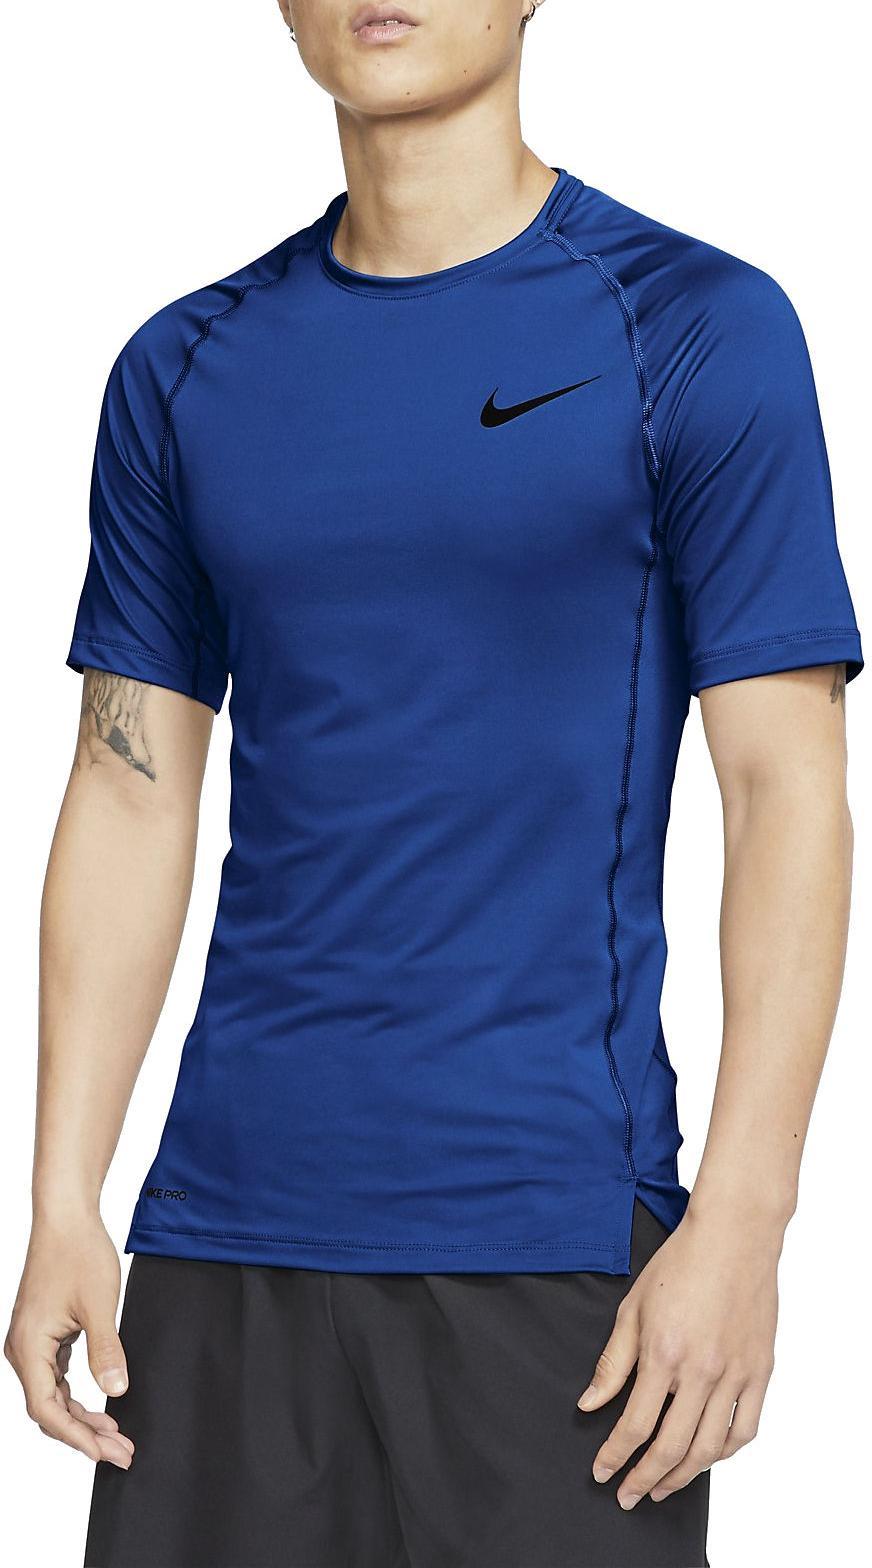 Camiseta de compresión Nike M NP TOP SS TIGHT